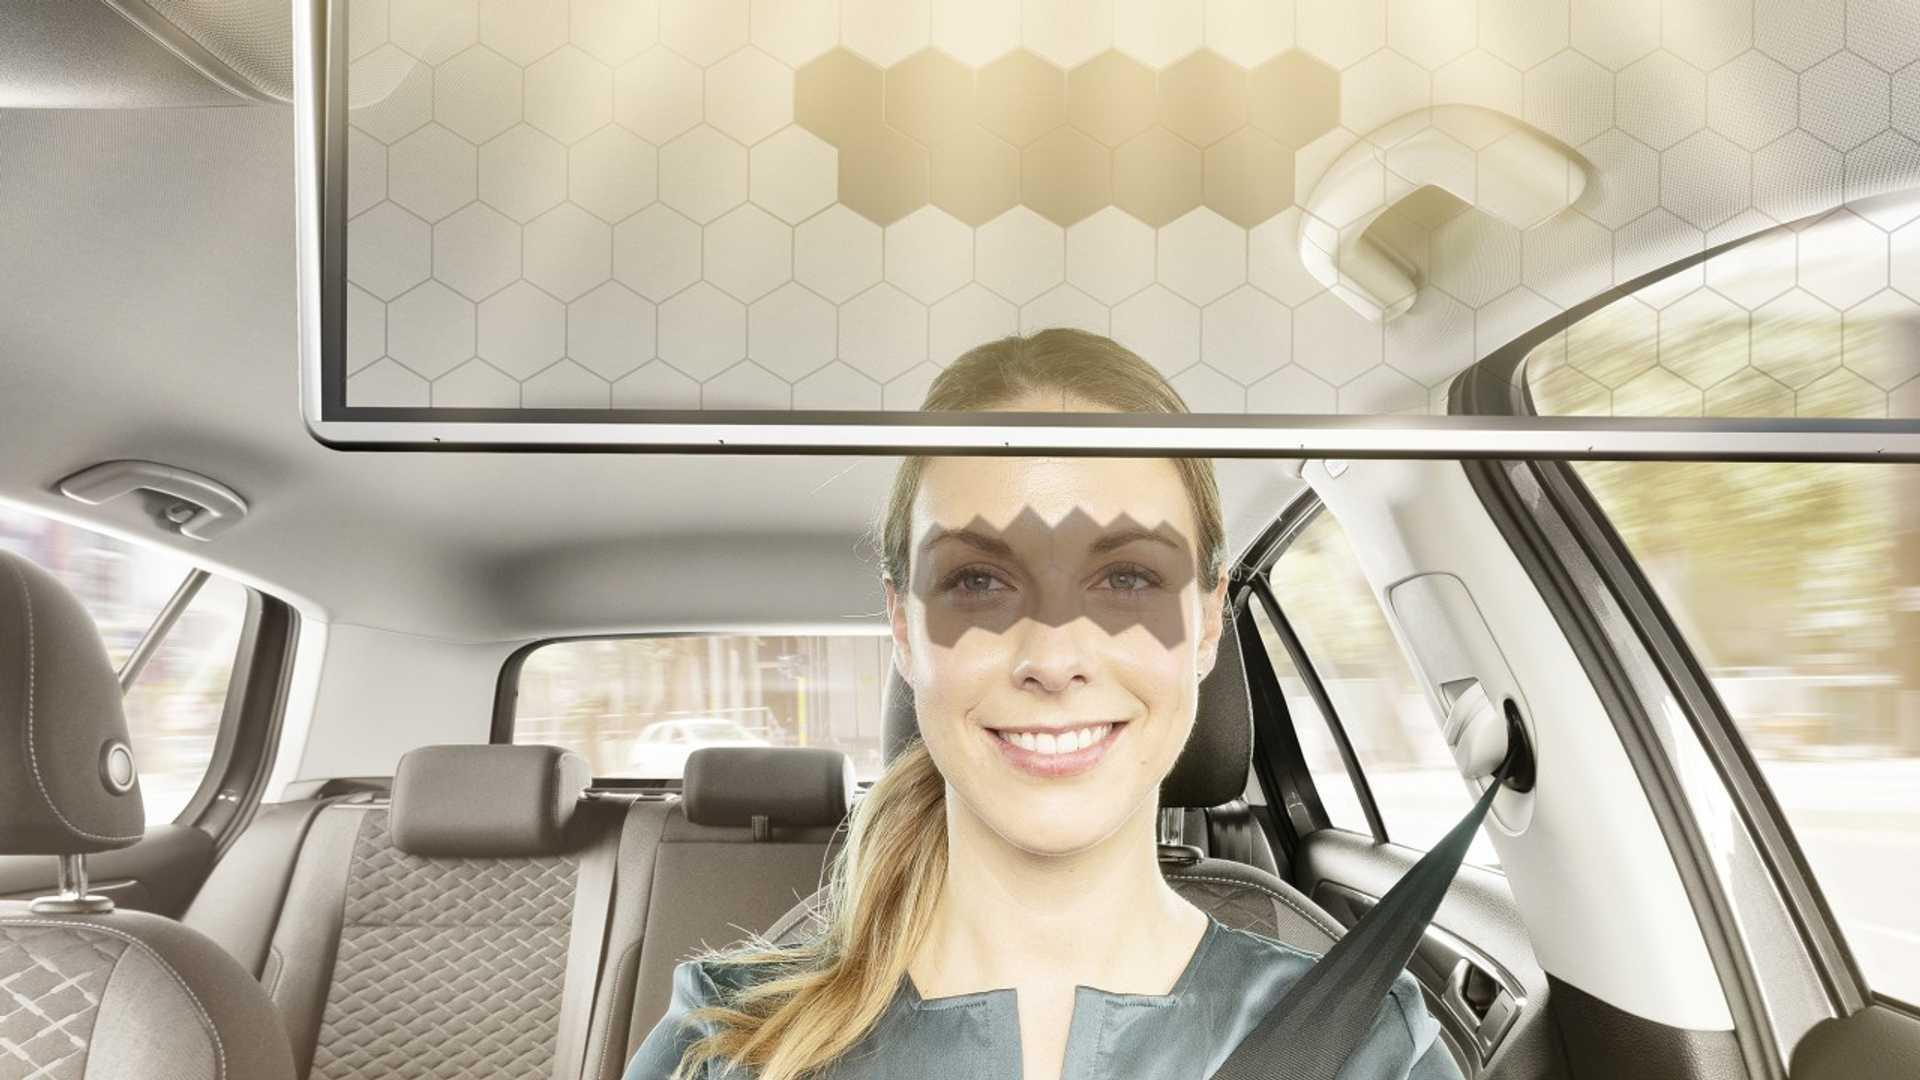 Bosh kembangkan Sun Visor Transparan Berbasis AI